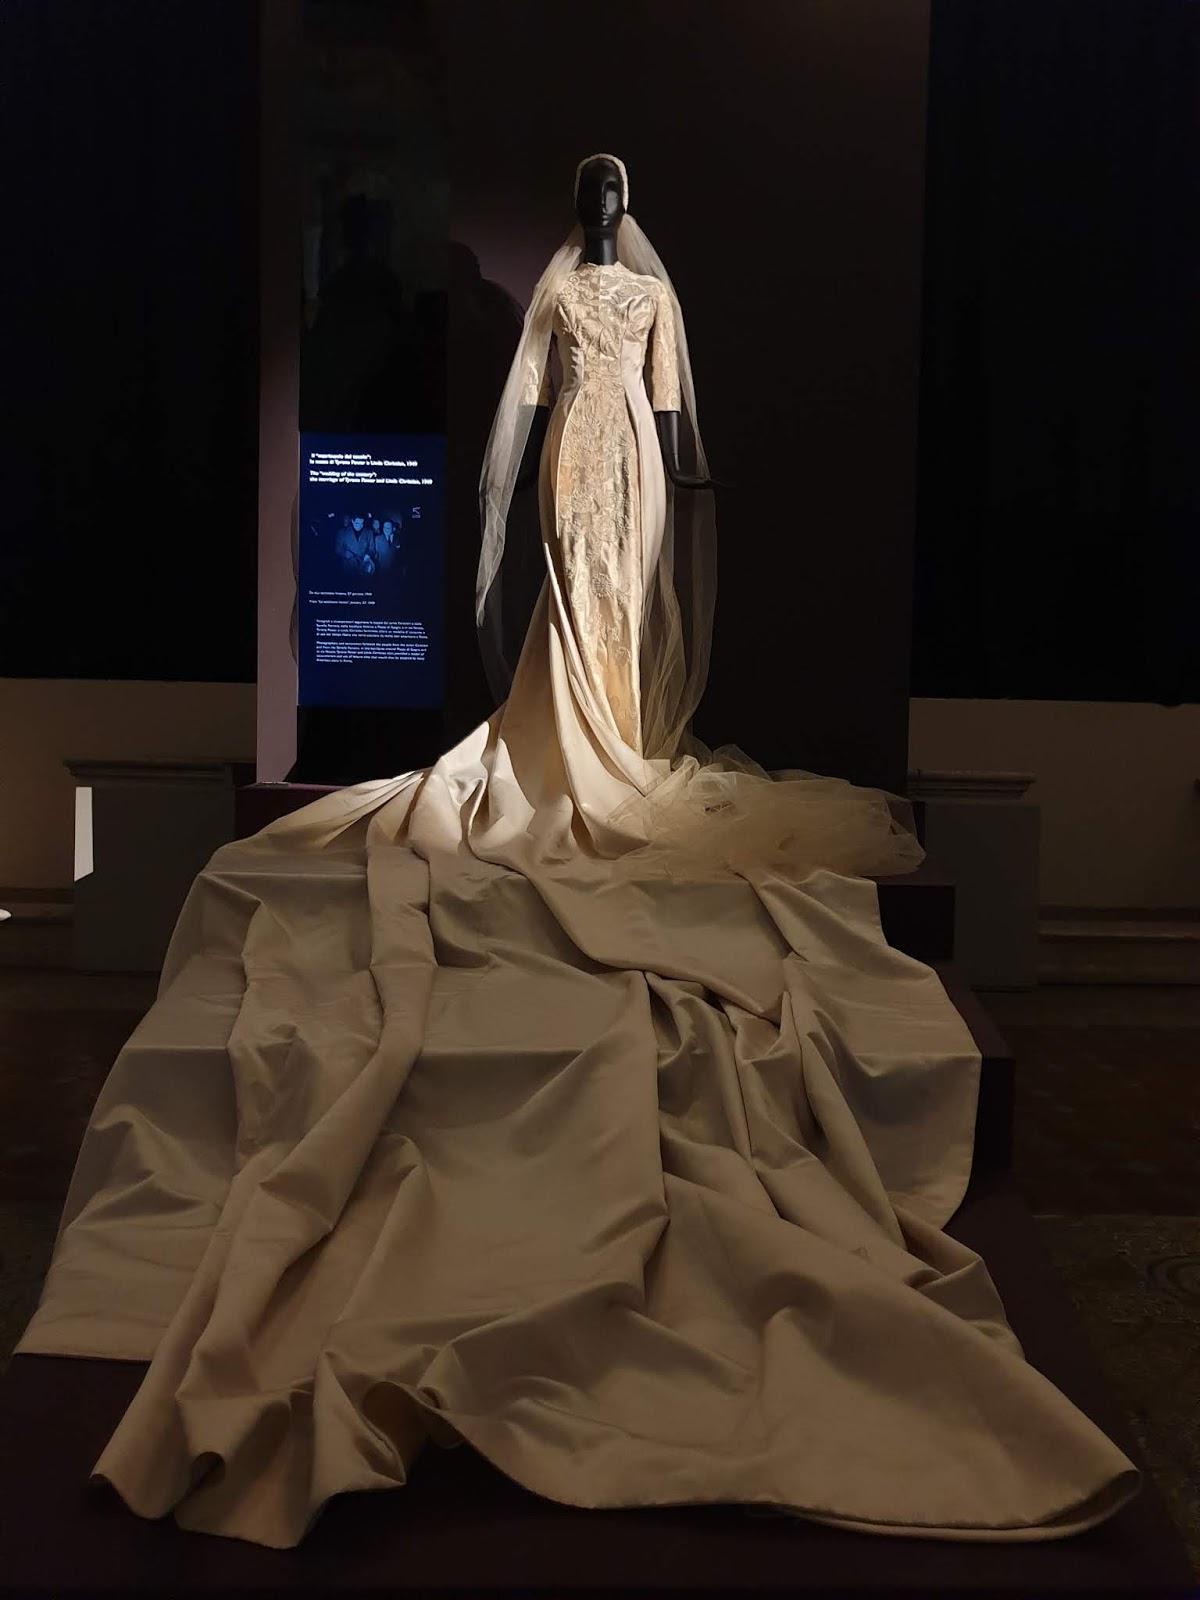 El vestido de Linda Christian de las hermanas Sorelle Christian